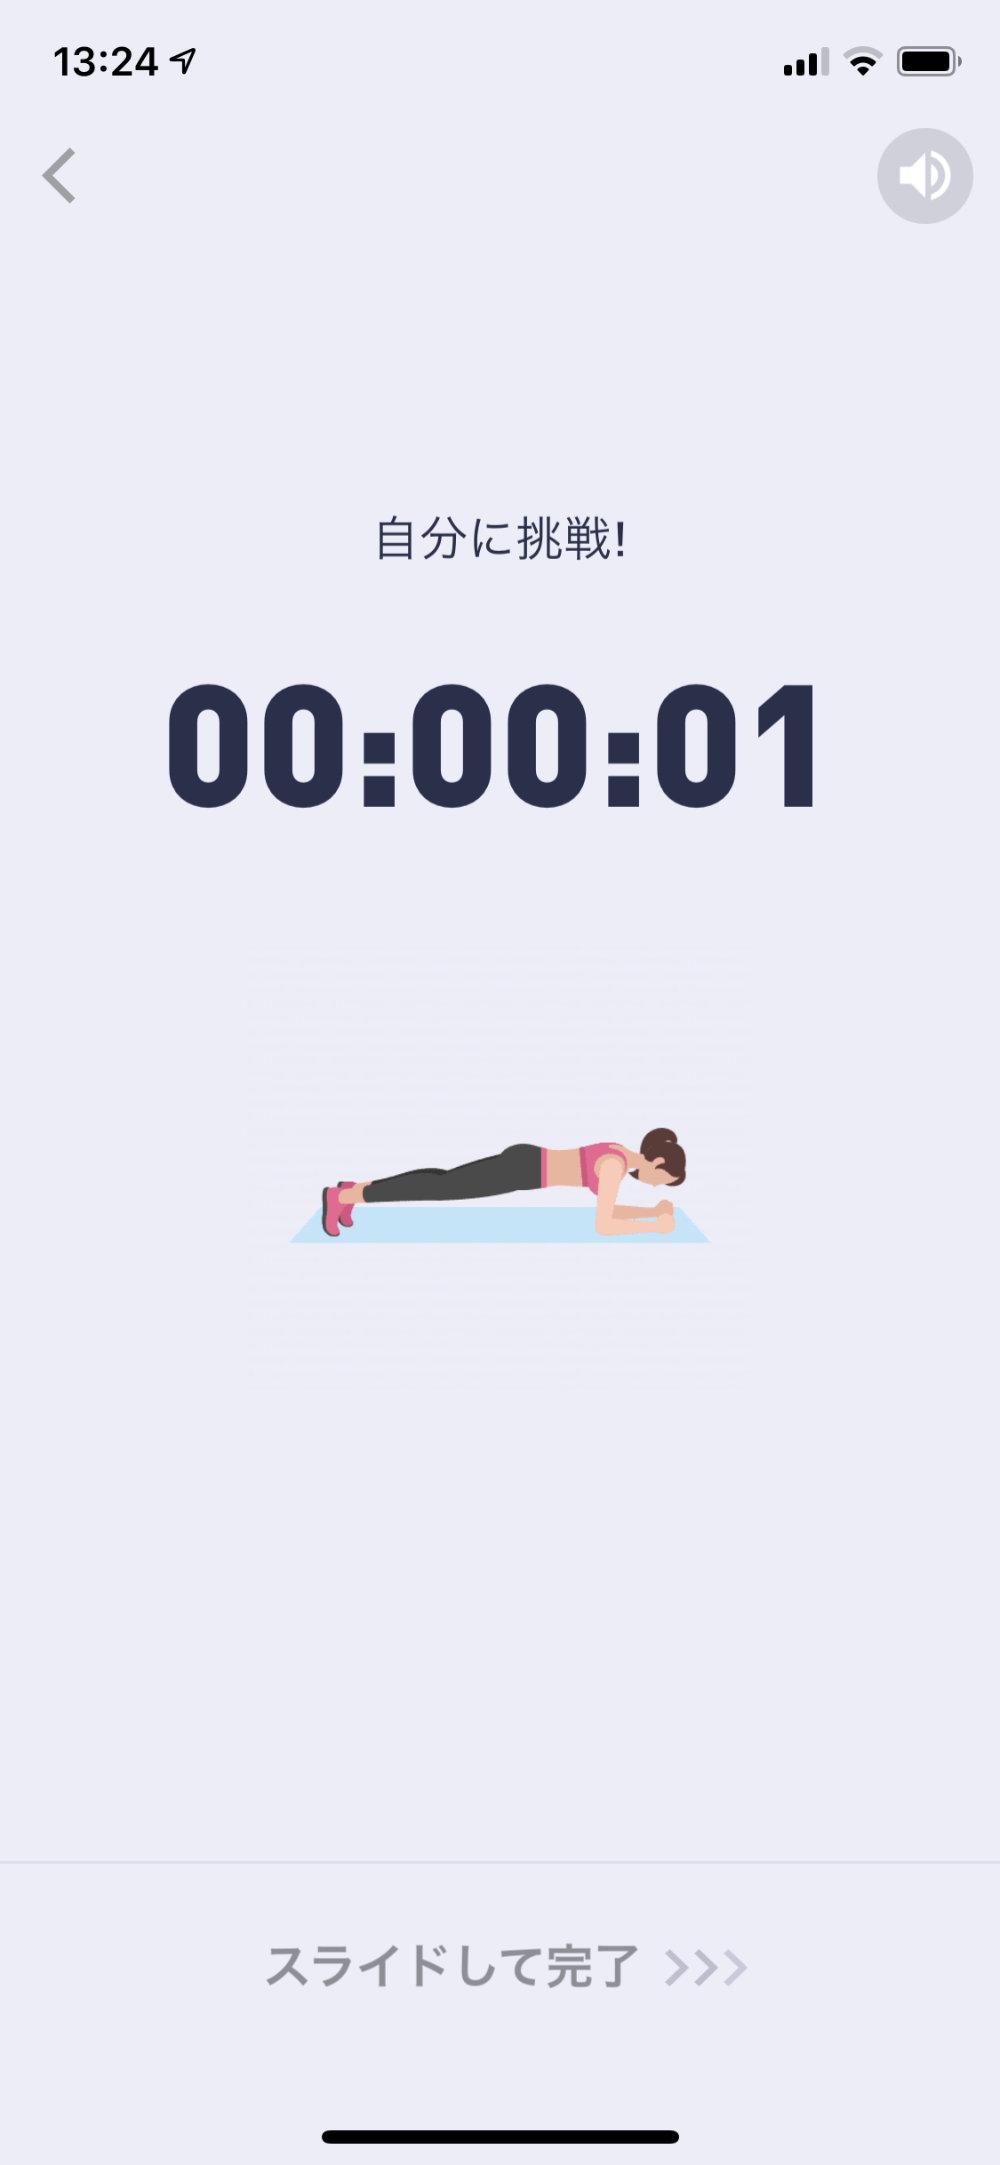 時間を計測